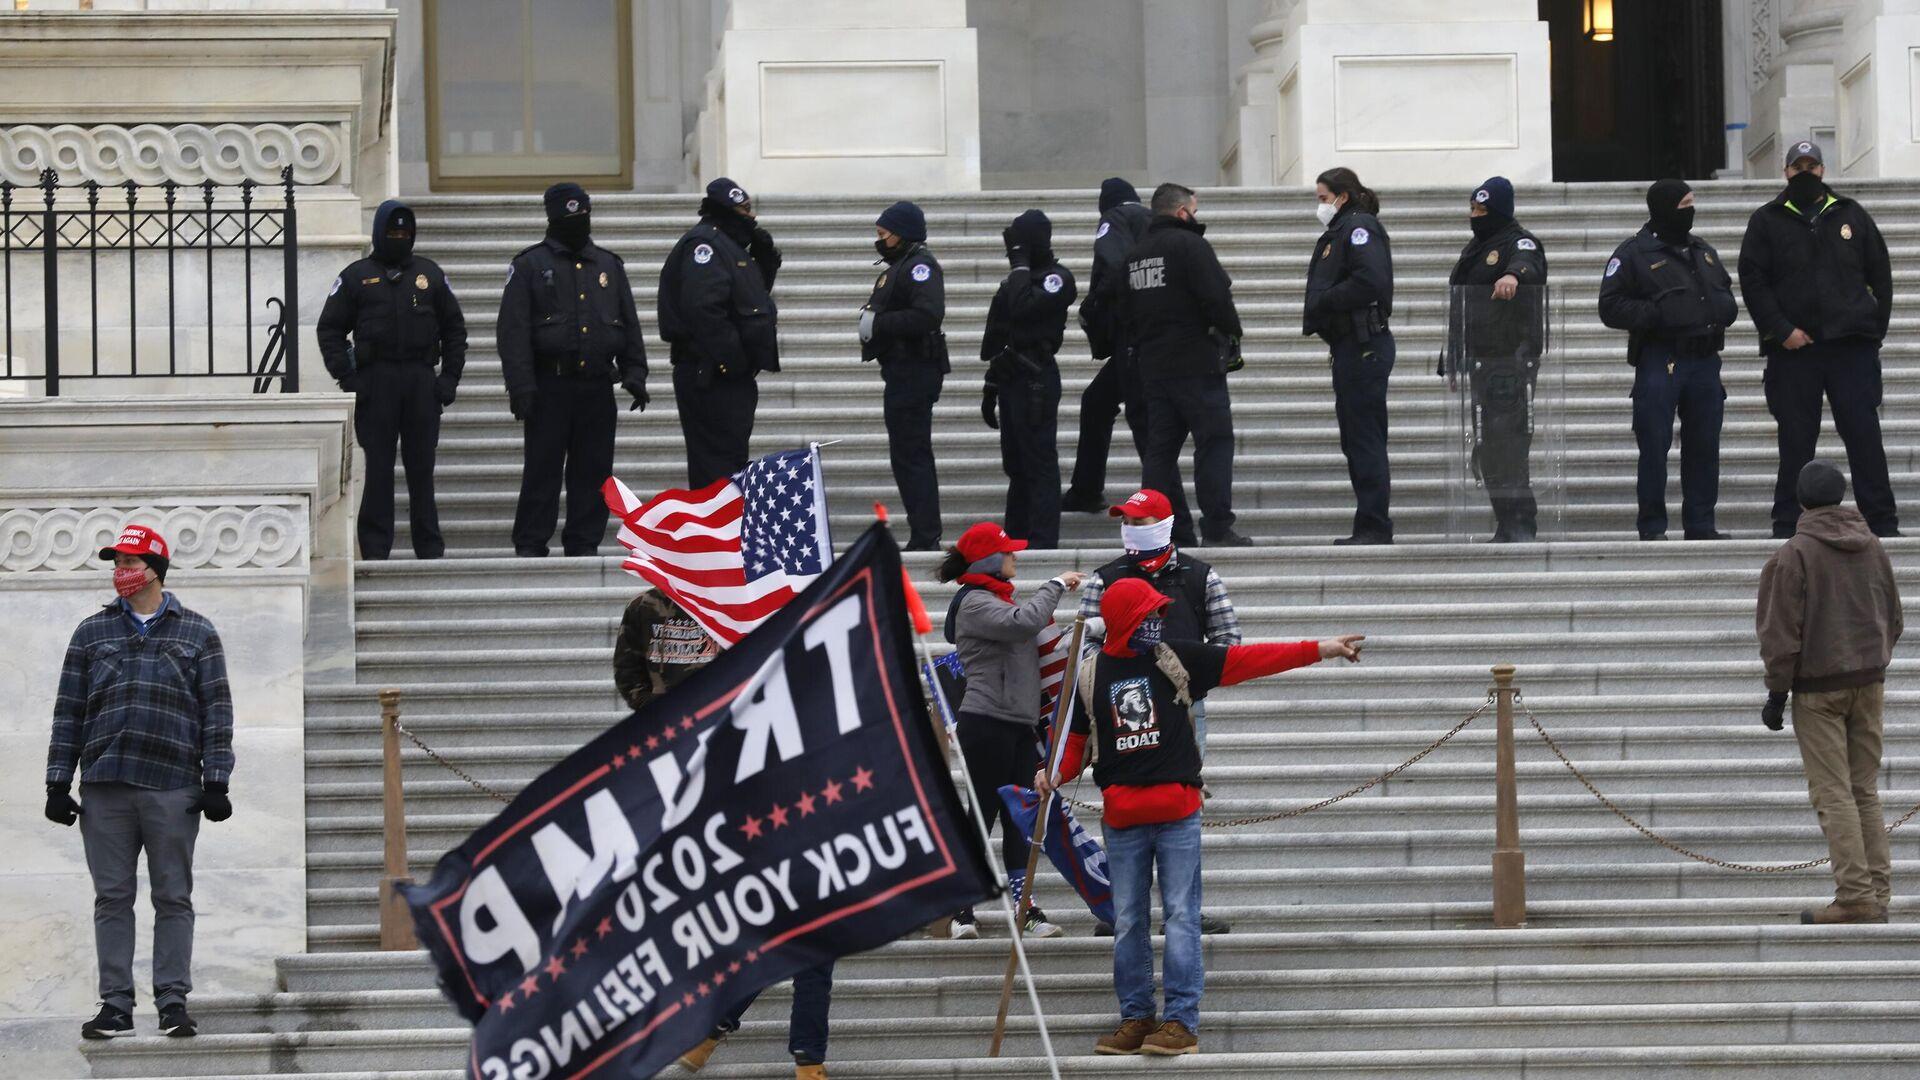 Сотрудники полиции и участники акции протеста сторонников действующего президента США Дональда Трампа у здания конгресса в Вашингтоне - РИА Новости, 1920, 07.01.2021